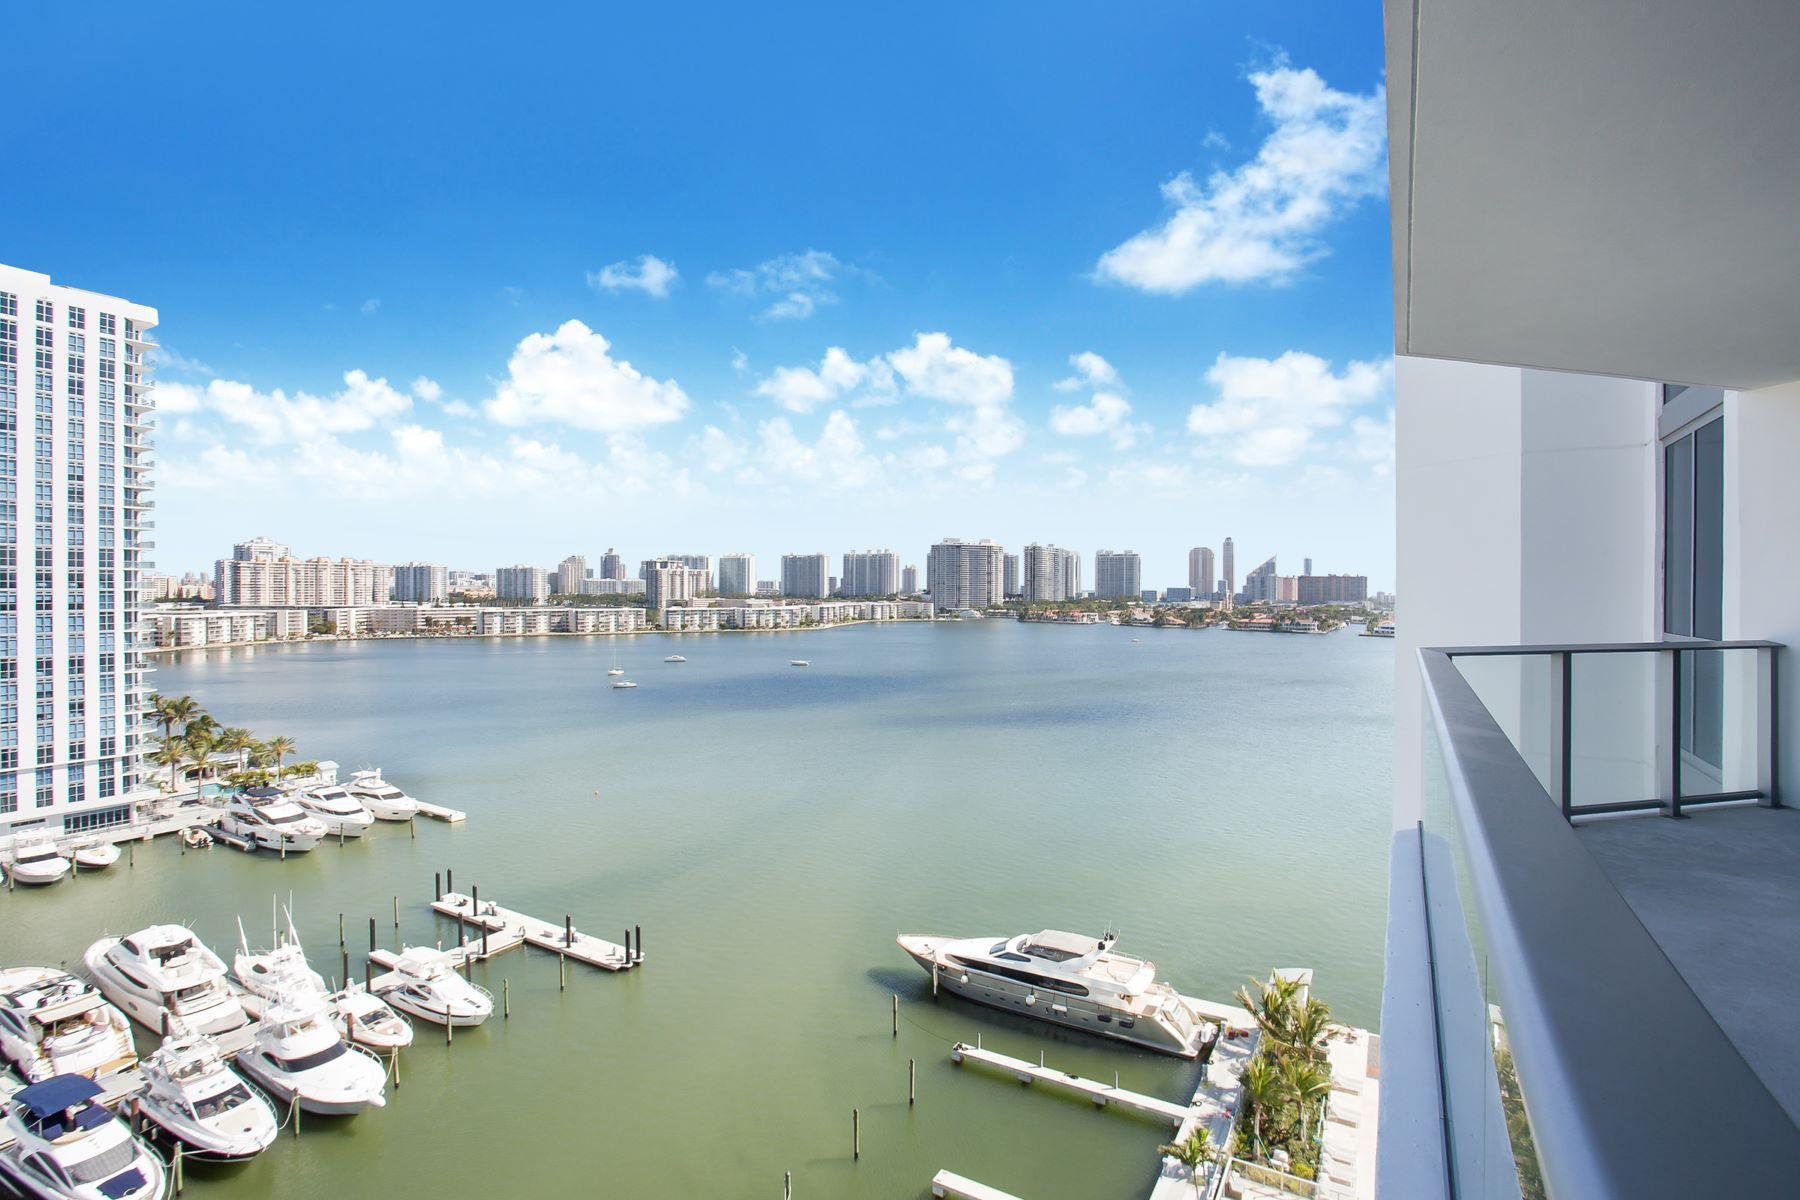 Condominio por un Venta en 17111 Biscayne Blvd #1205 17111 Biscayne Blvd 1205, North Miami Beach, Florida, 33160 Estados Unidos